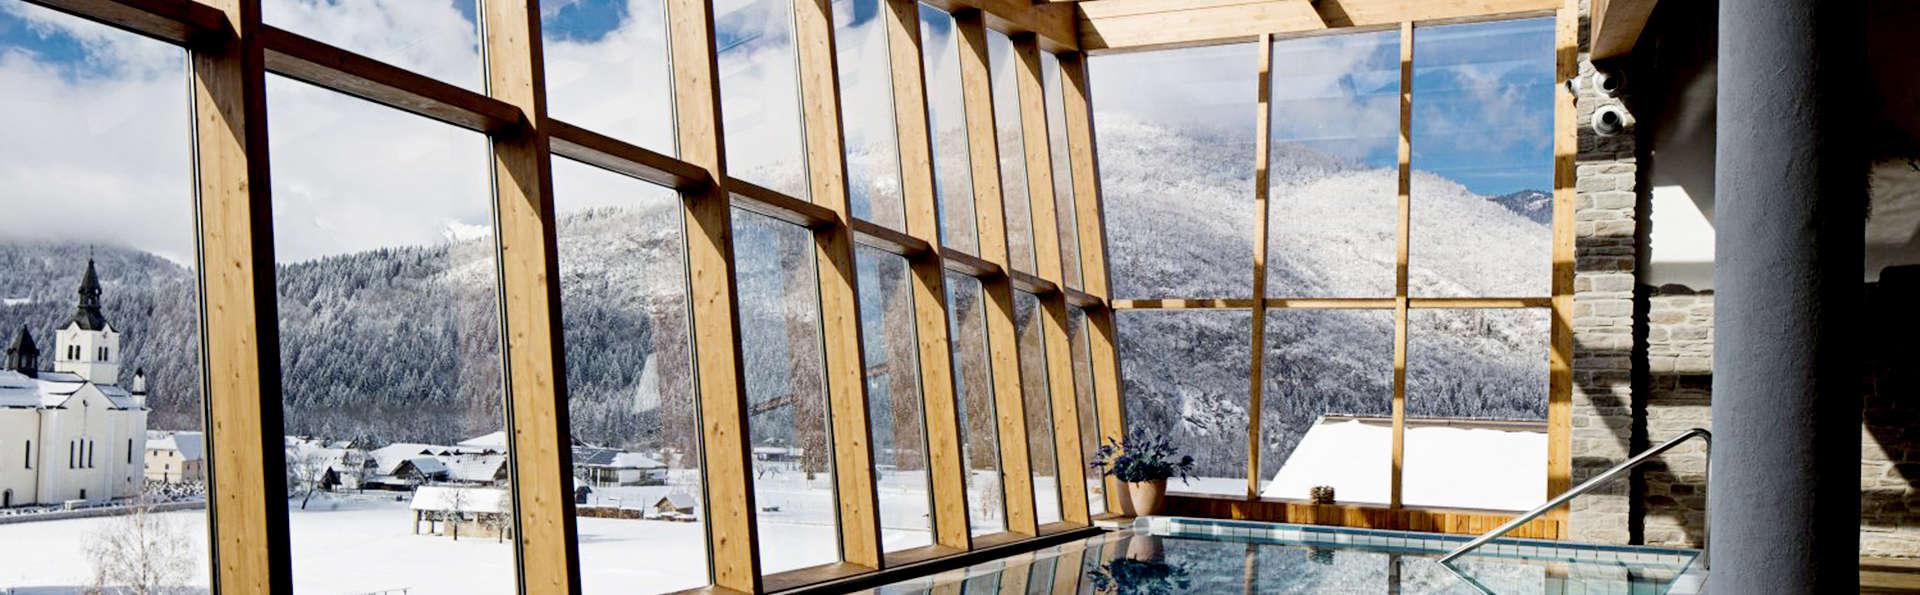 Détente dans un hôtel 4* au coeur des Alpes juliennes (à partir de 2 nuits)